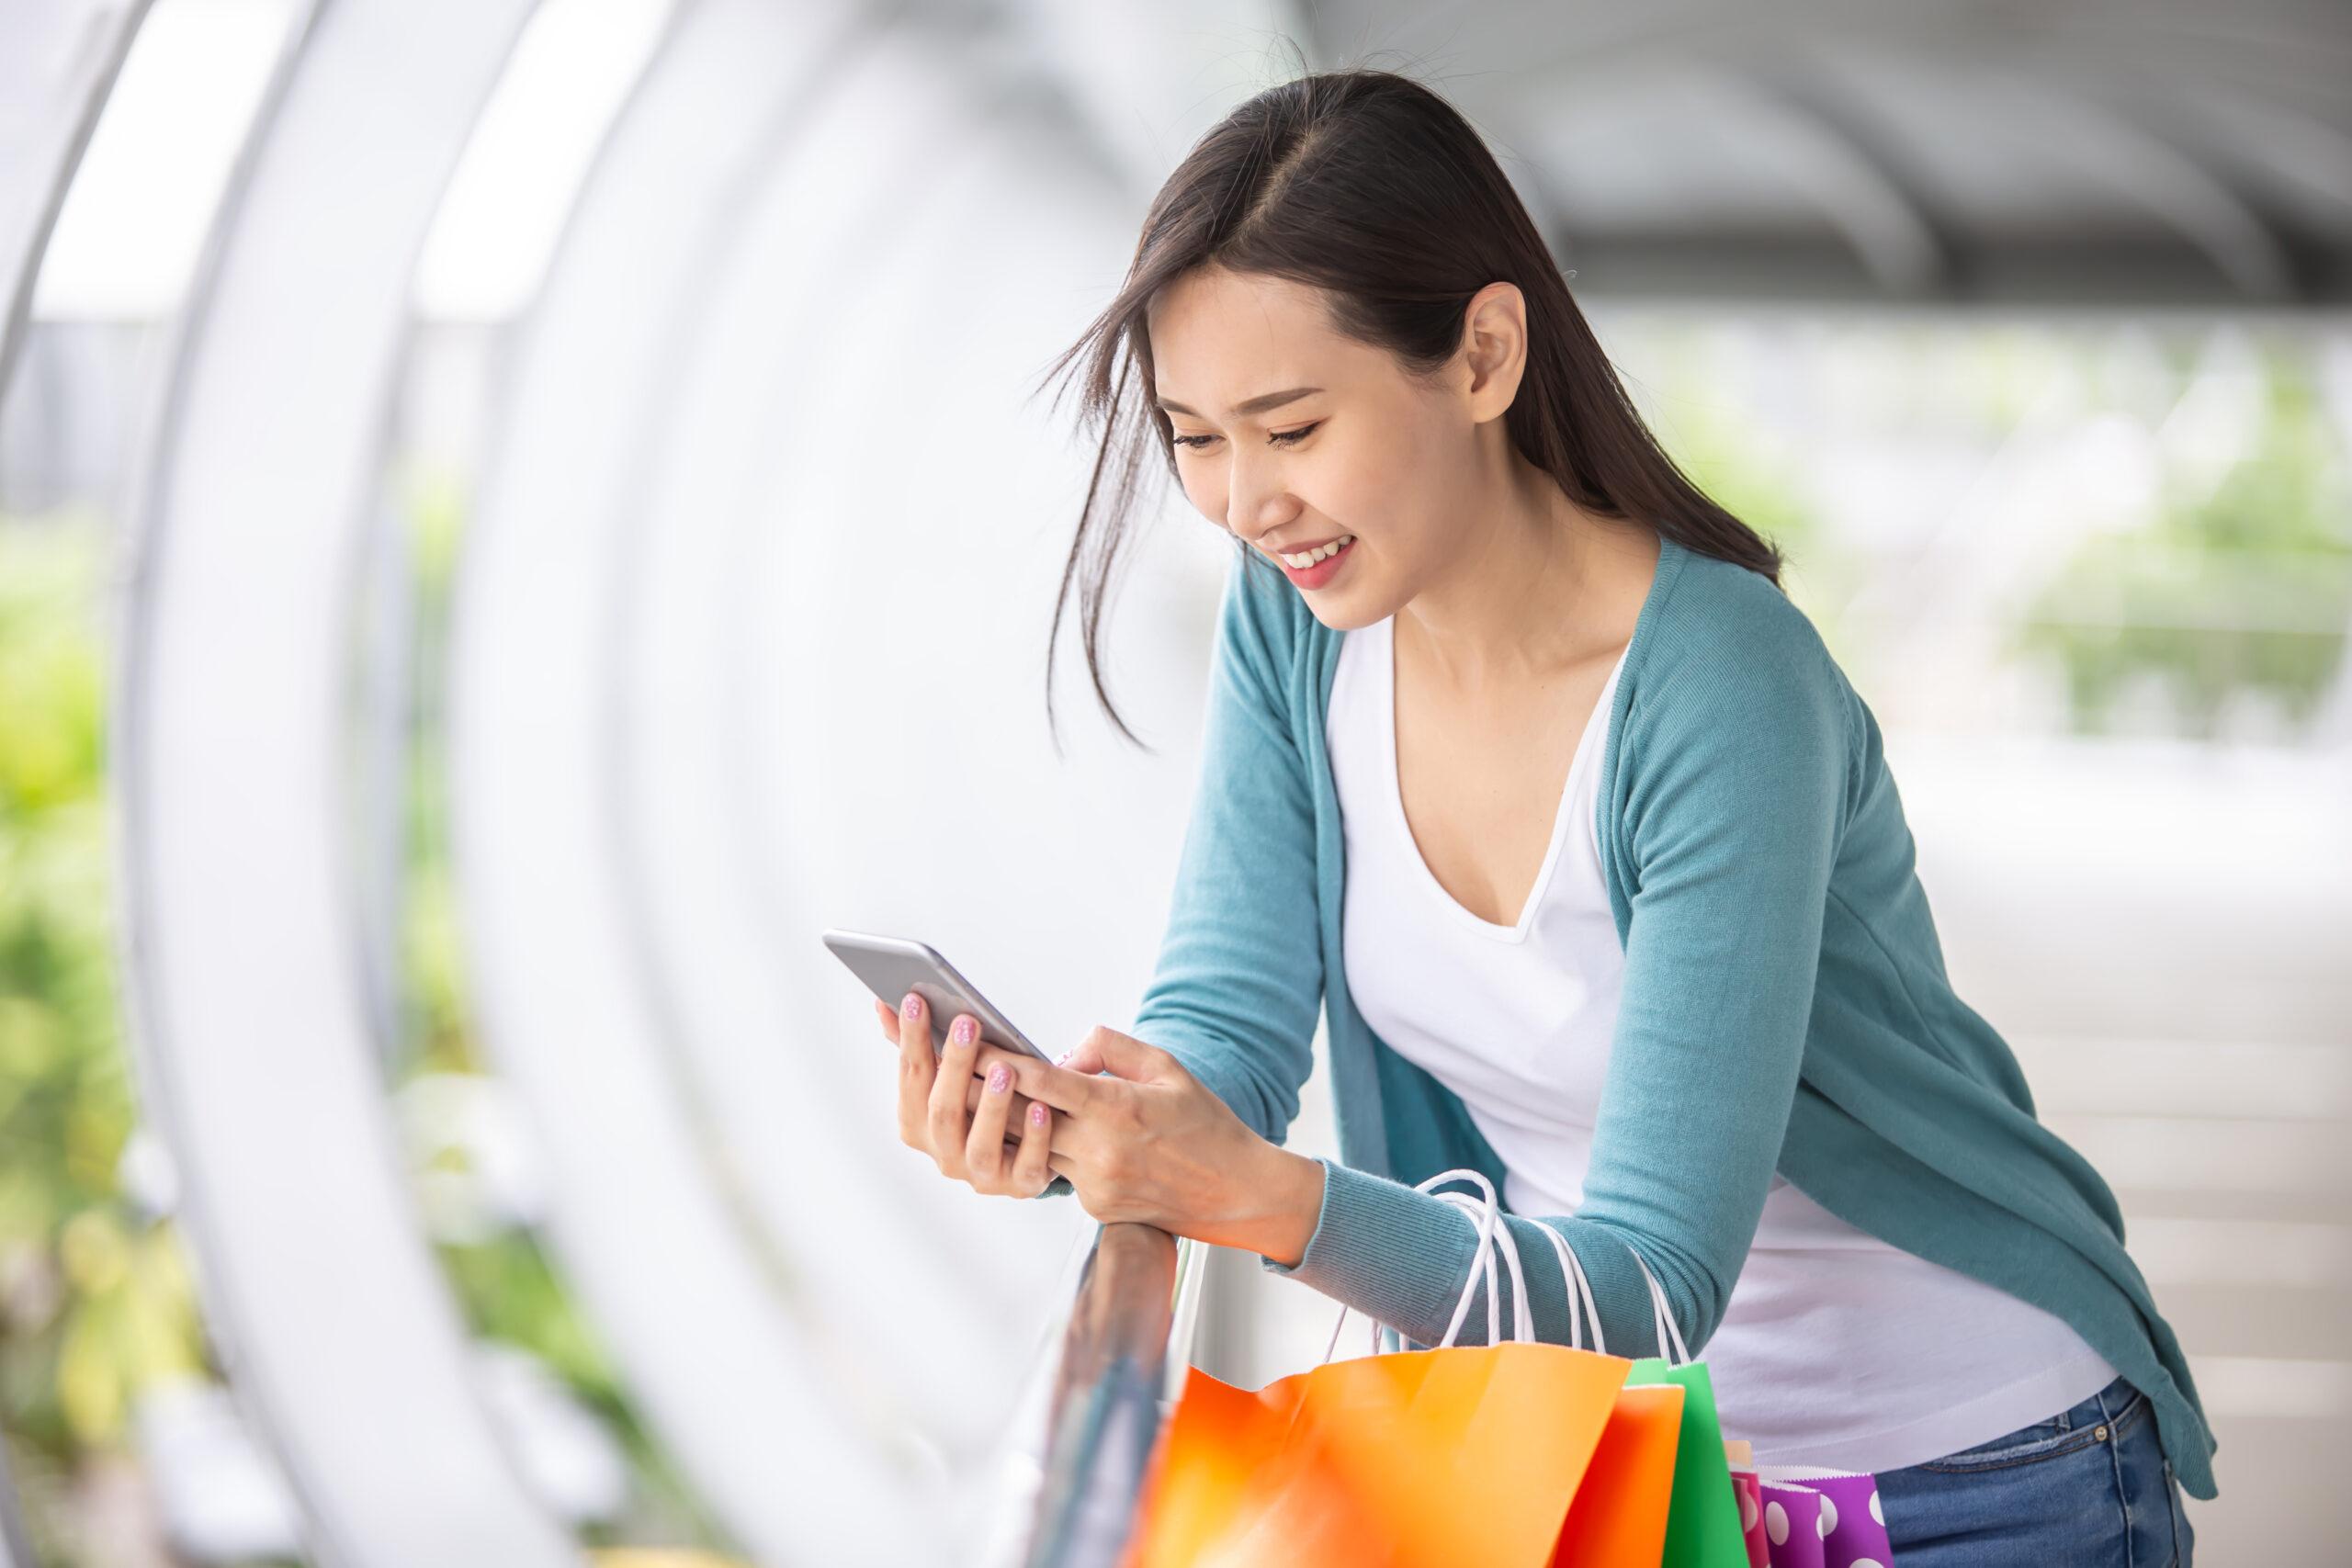 Konsumgüter & Handel